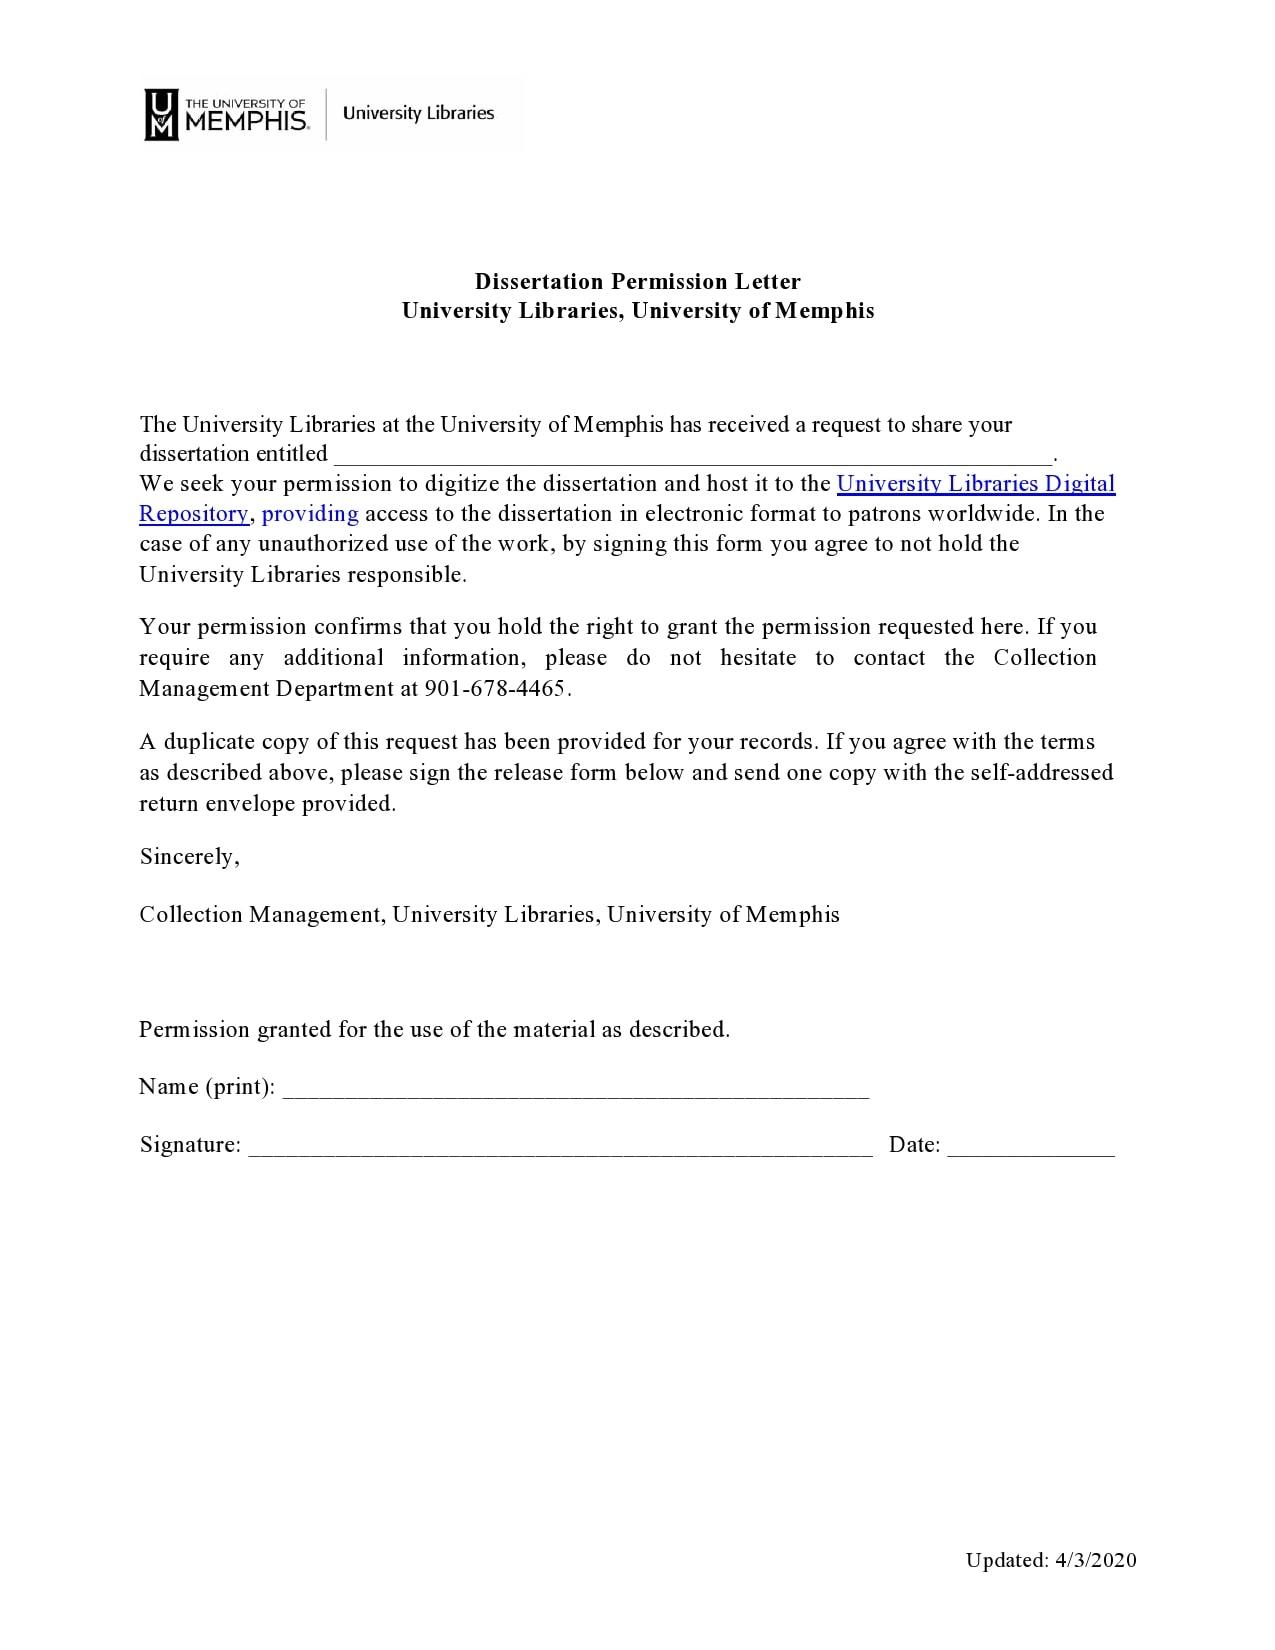 permission letter 15